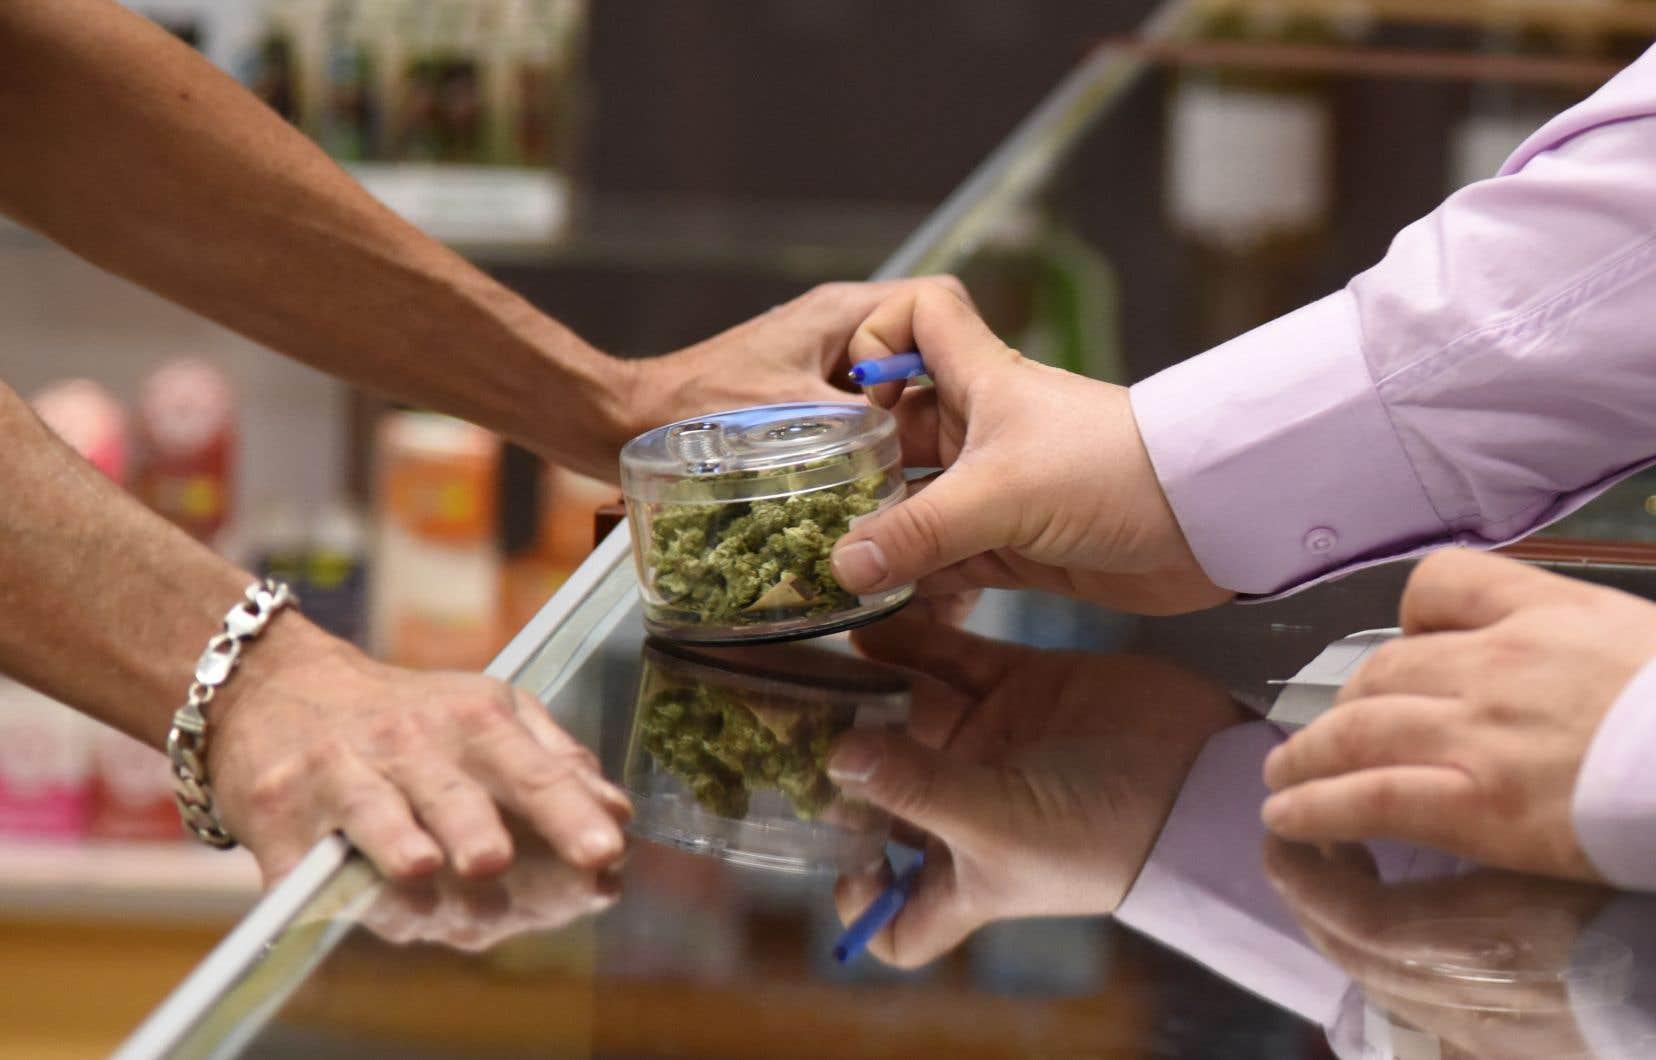 Les perspectives économiques de l'industrie du cannabis, notamment au chapitre de la création d'emplois, s'améliorent à l'approche du 17octobre, date à laquelle les Canadiens seront légalement autorisés à acheter et à consommer de la marijuana à des fins récréatives.